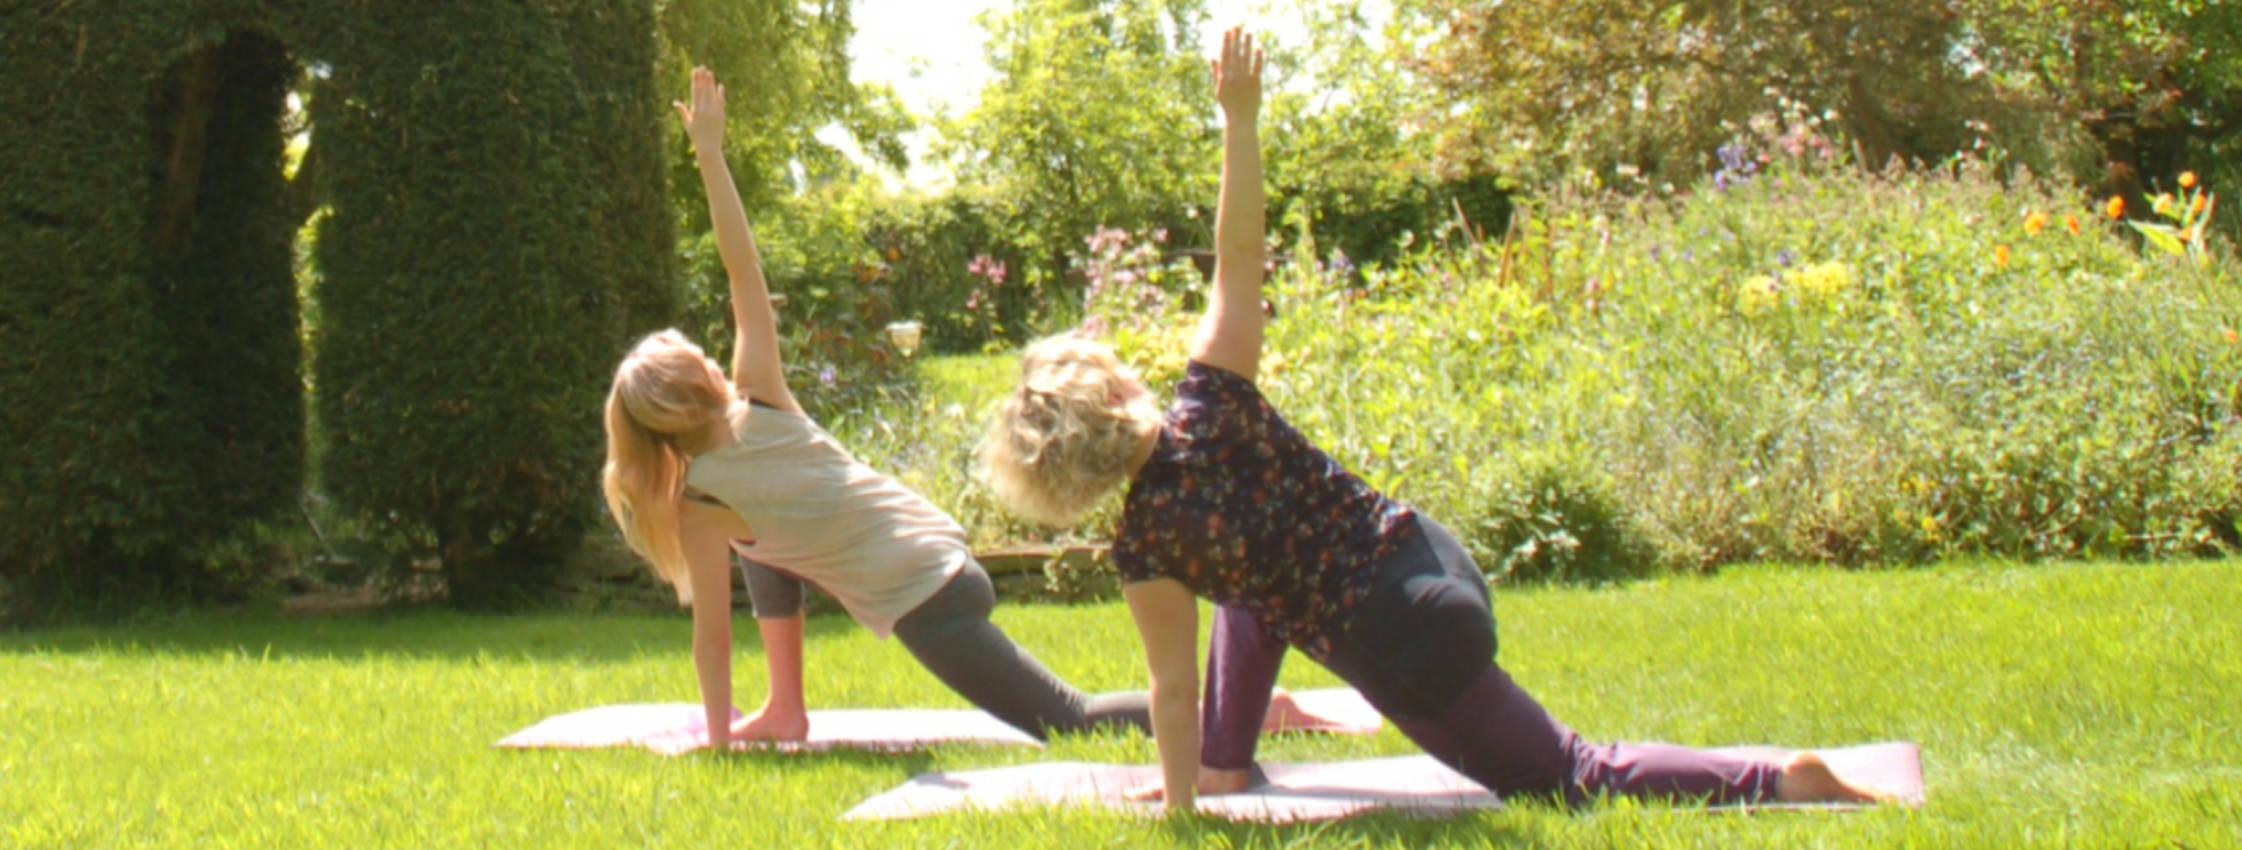 Kneeling twist in the garden